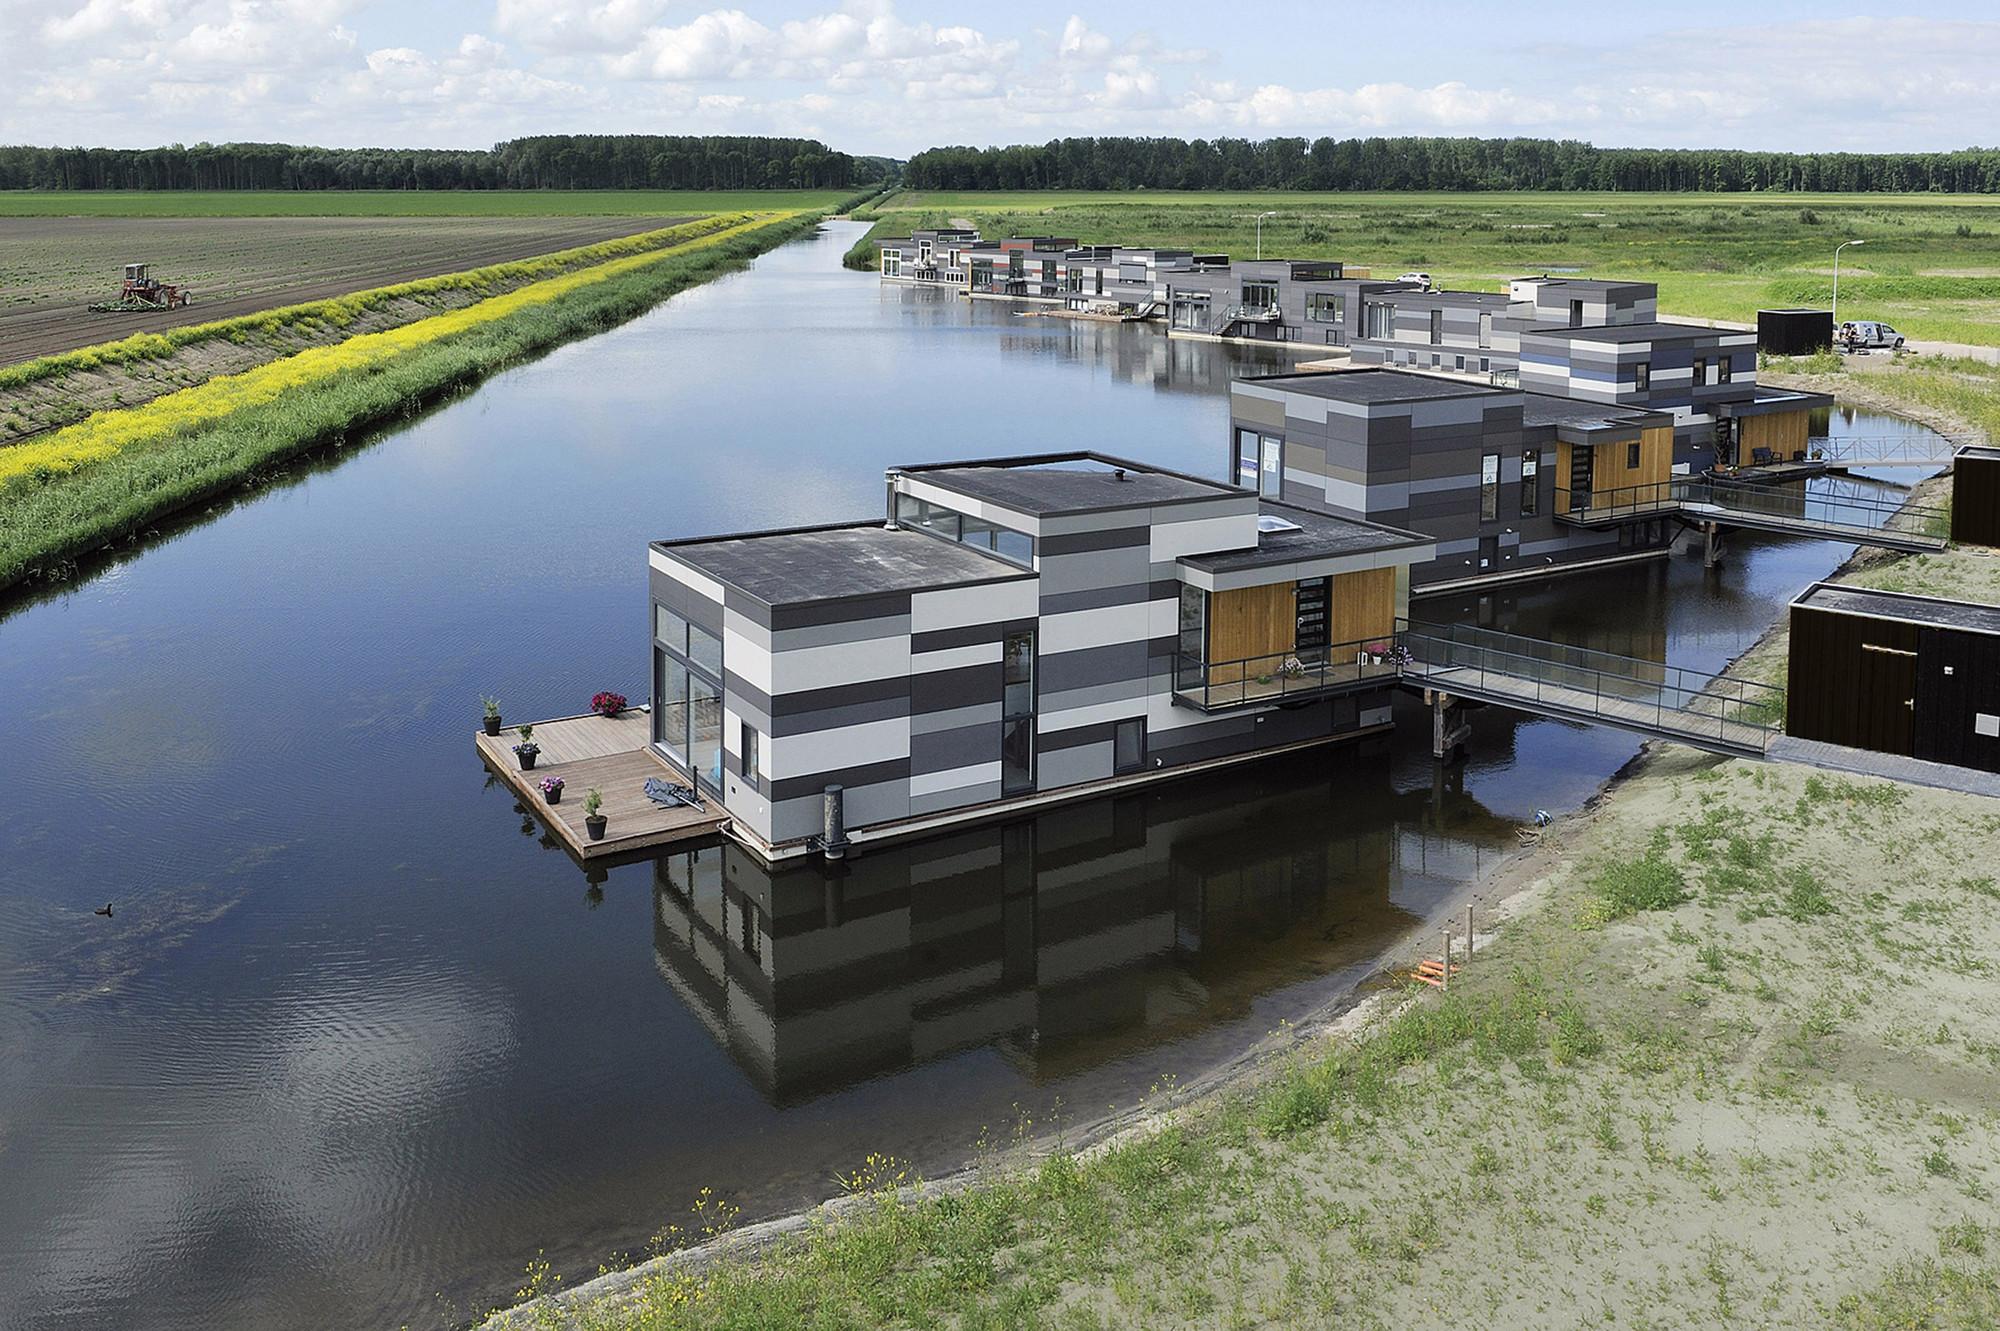 Casas Flutuantes em Lelystad / Attika Architekten, © ABC Arkenbouw